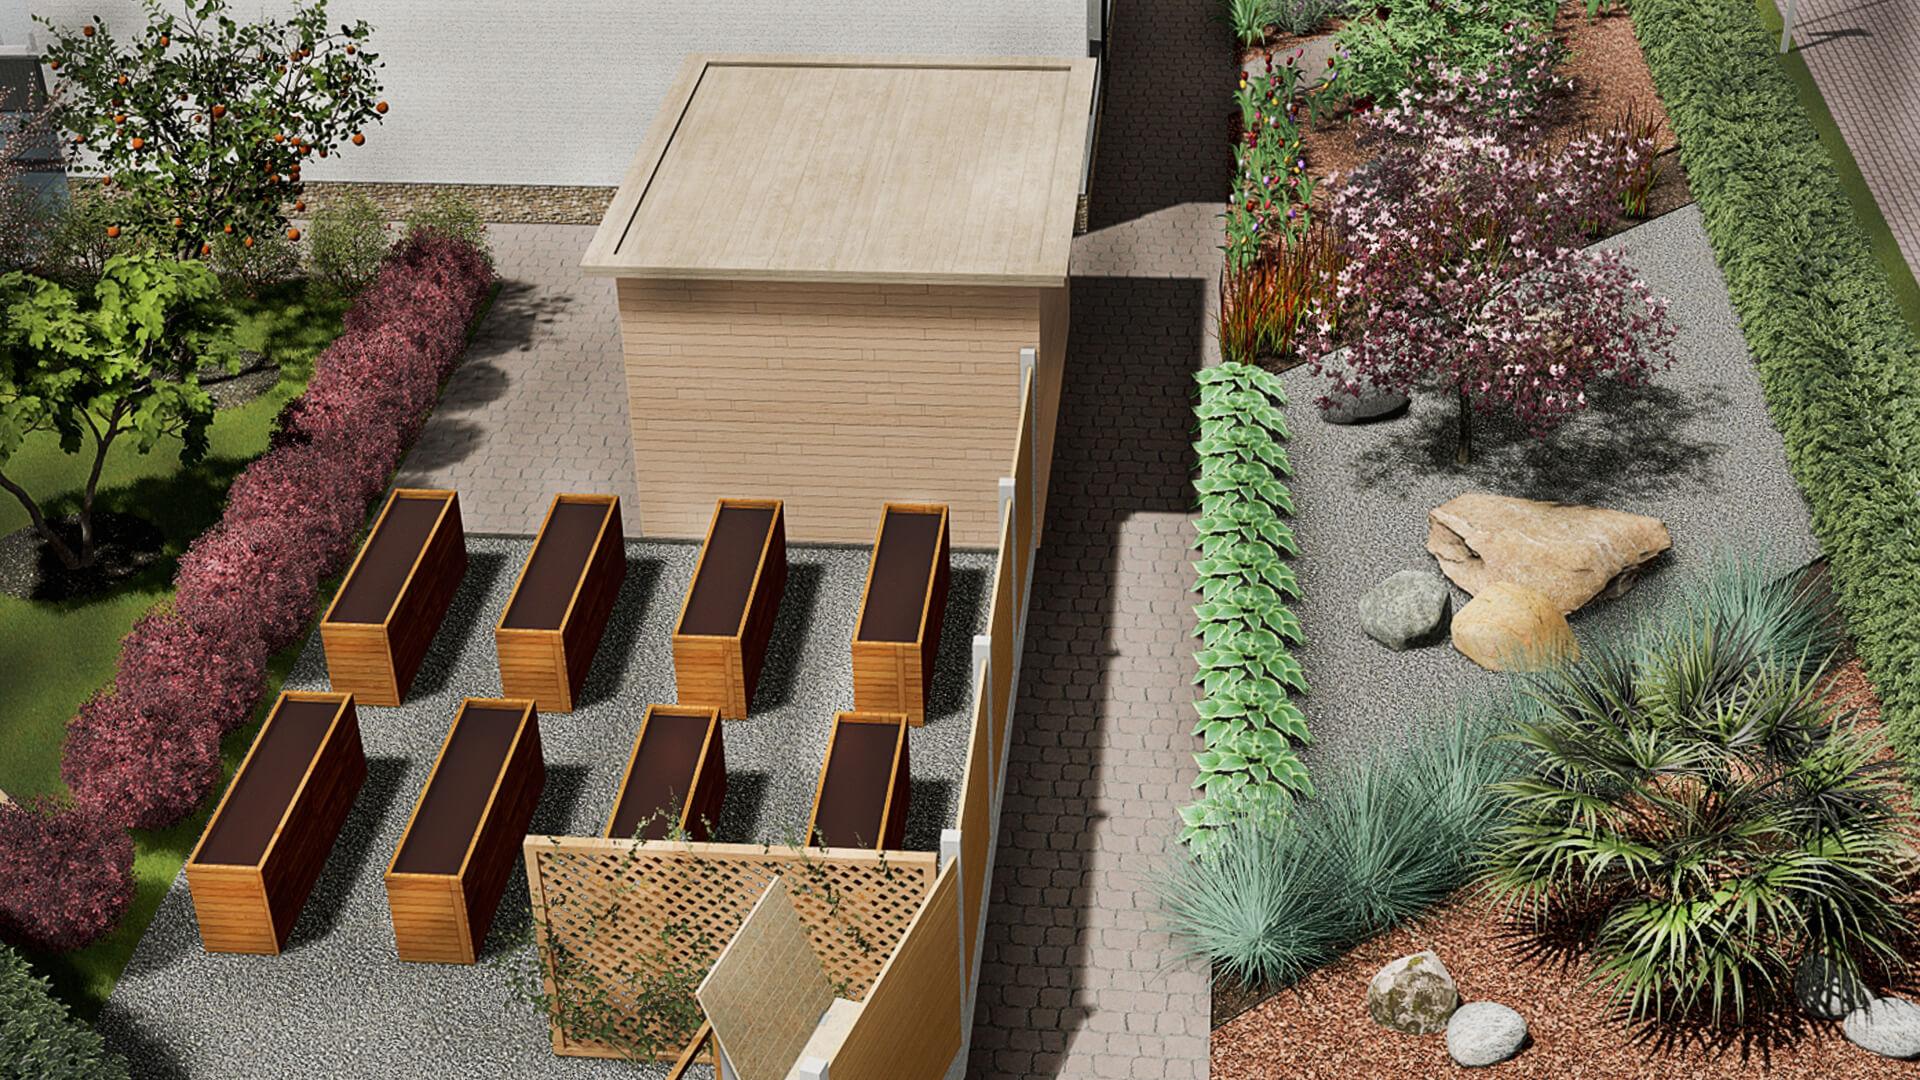 Huerta y jardín frente de la casa